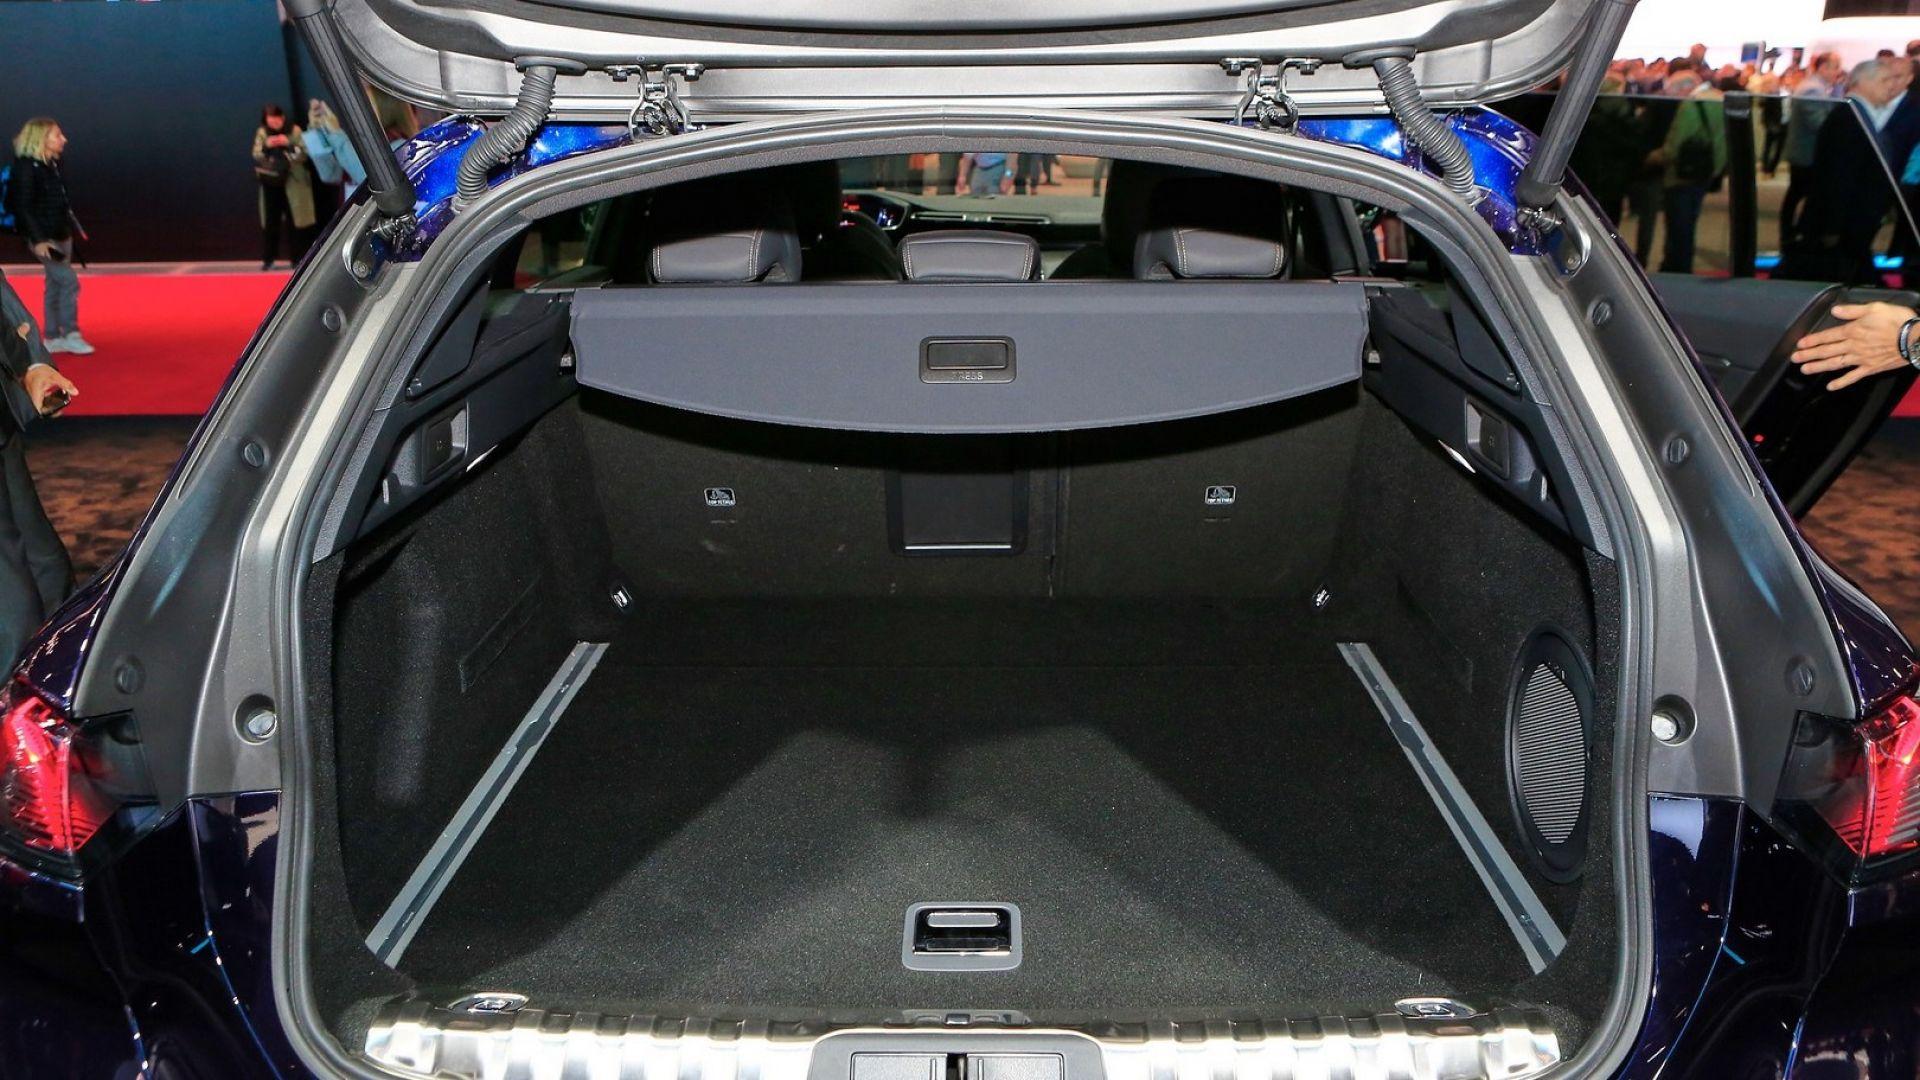 Nuova Peugeot 508 Sw 2019 Bagagliaio Uscita Prezzi